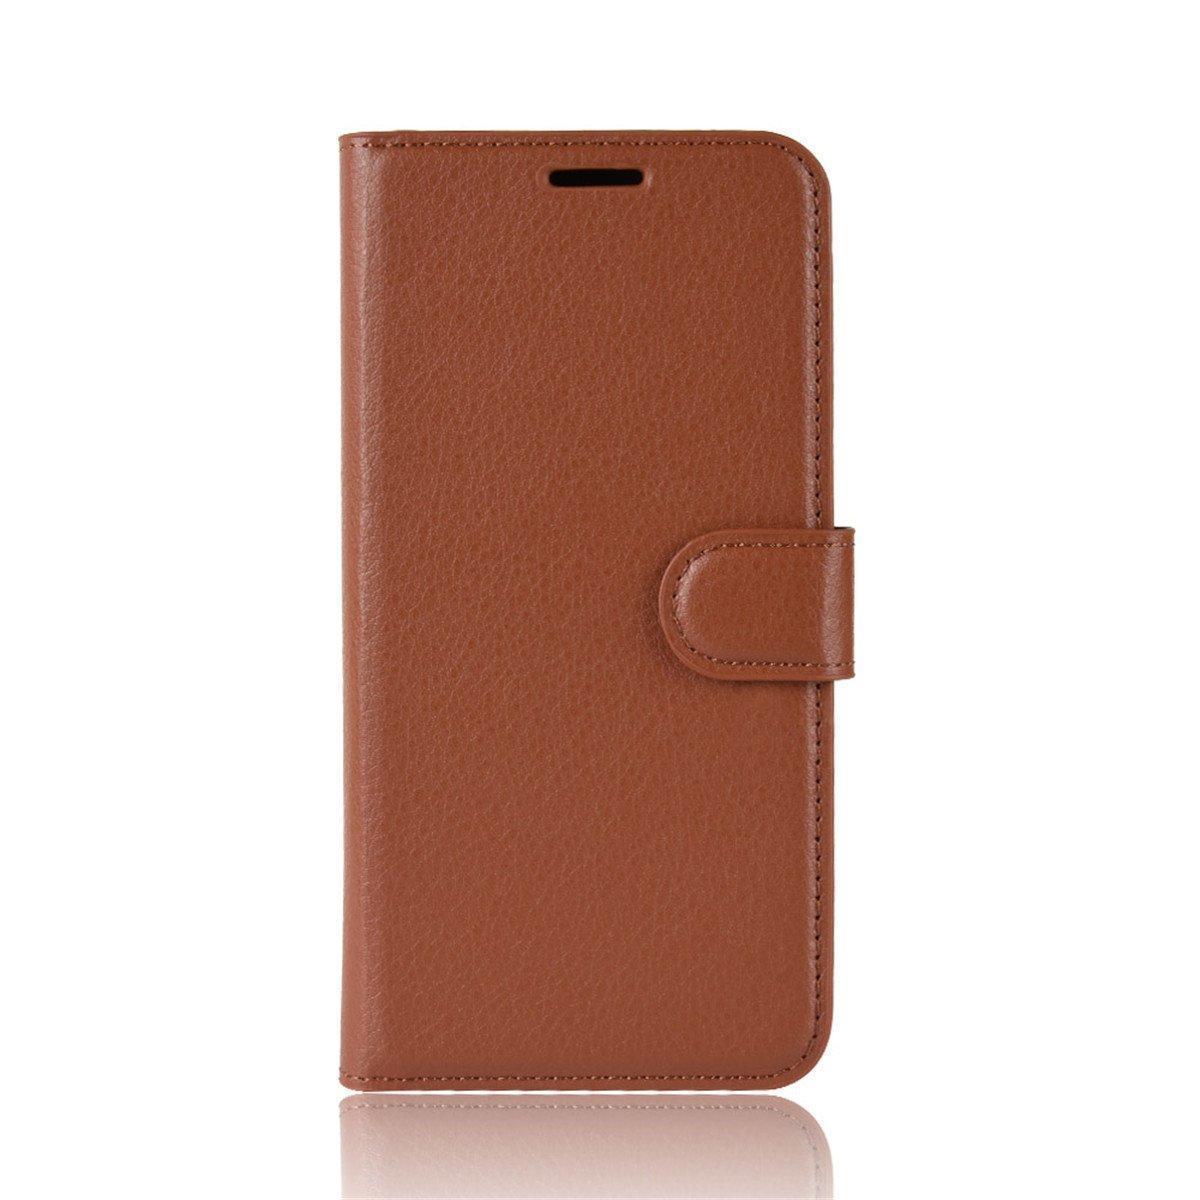 Чехол-книжка Litchie Wallet для Doogee N10 Brown (hub_CVqe07608)